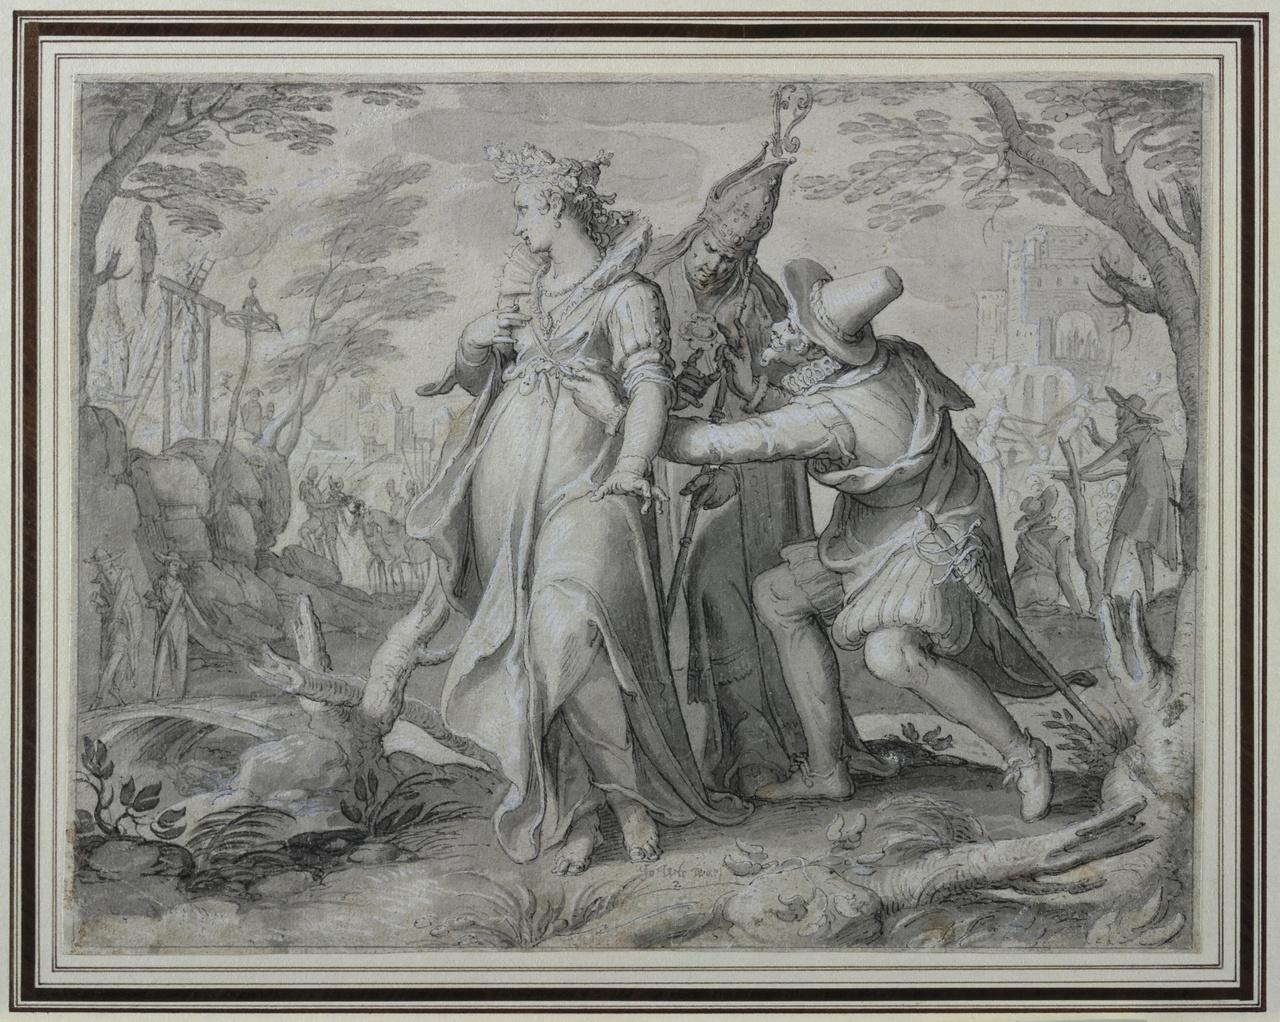 De Nederlandse Maagd bedreigd door de katholieke kerk en het Spaanse leger